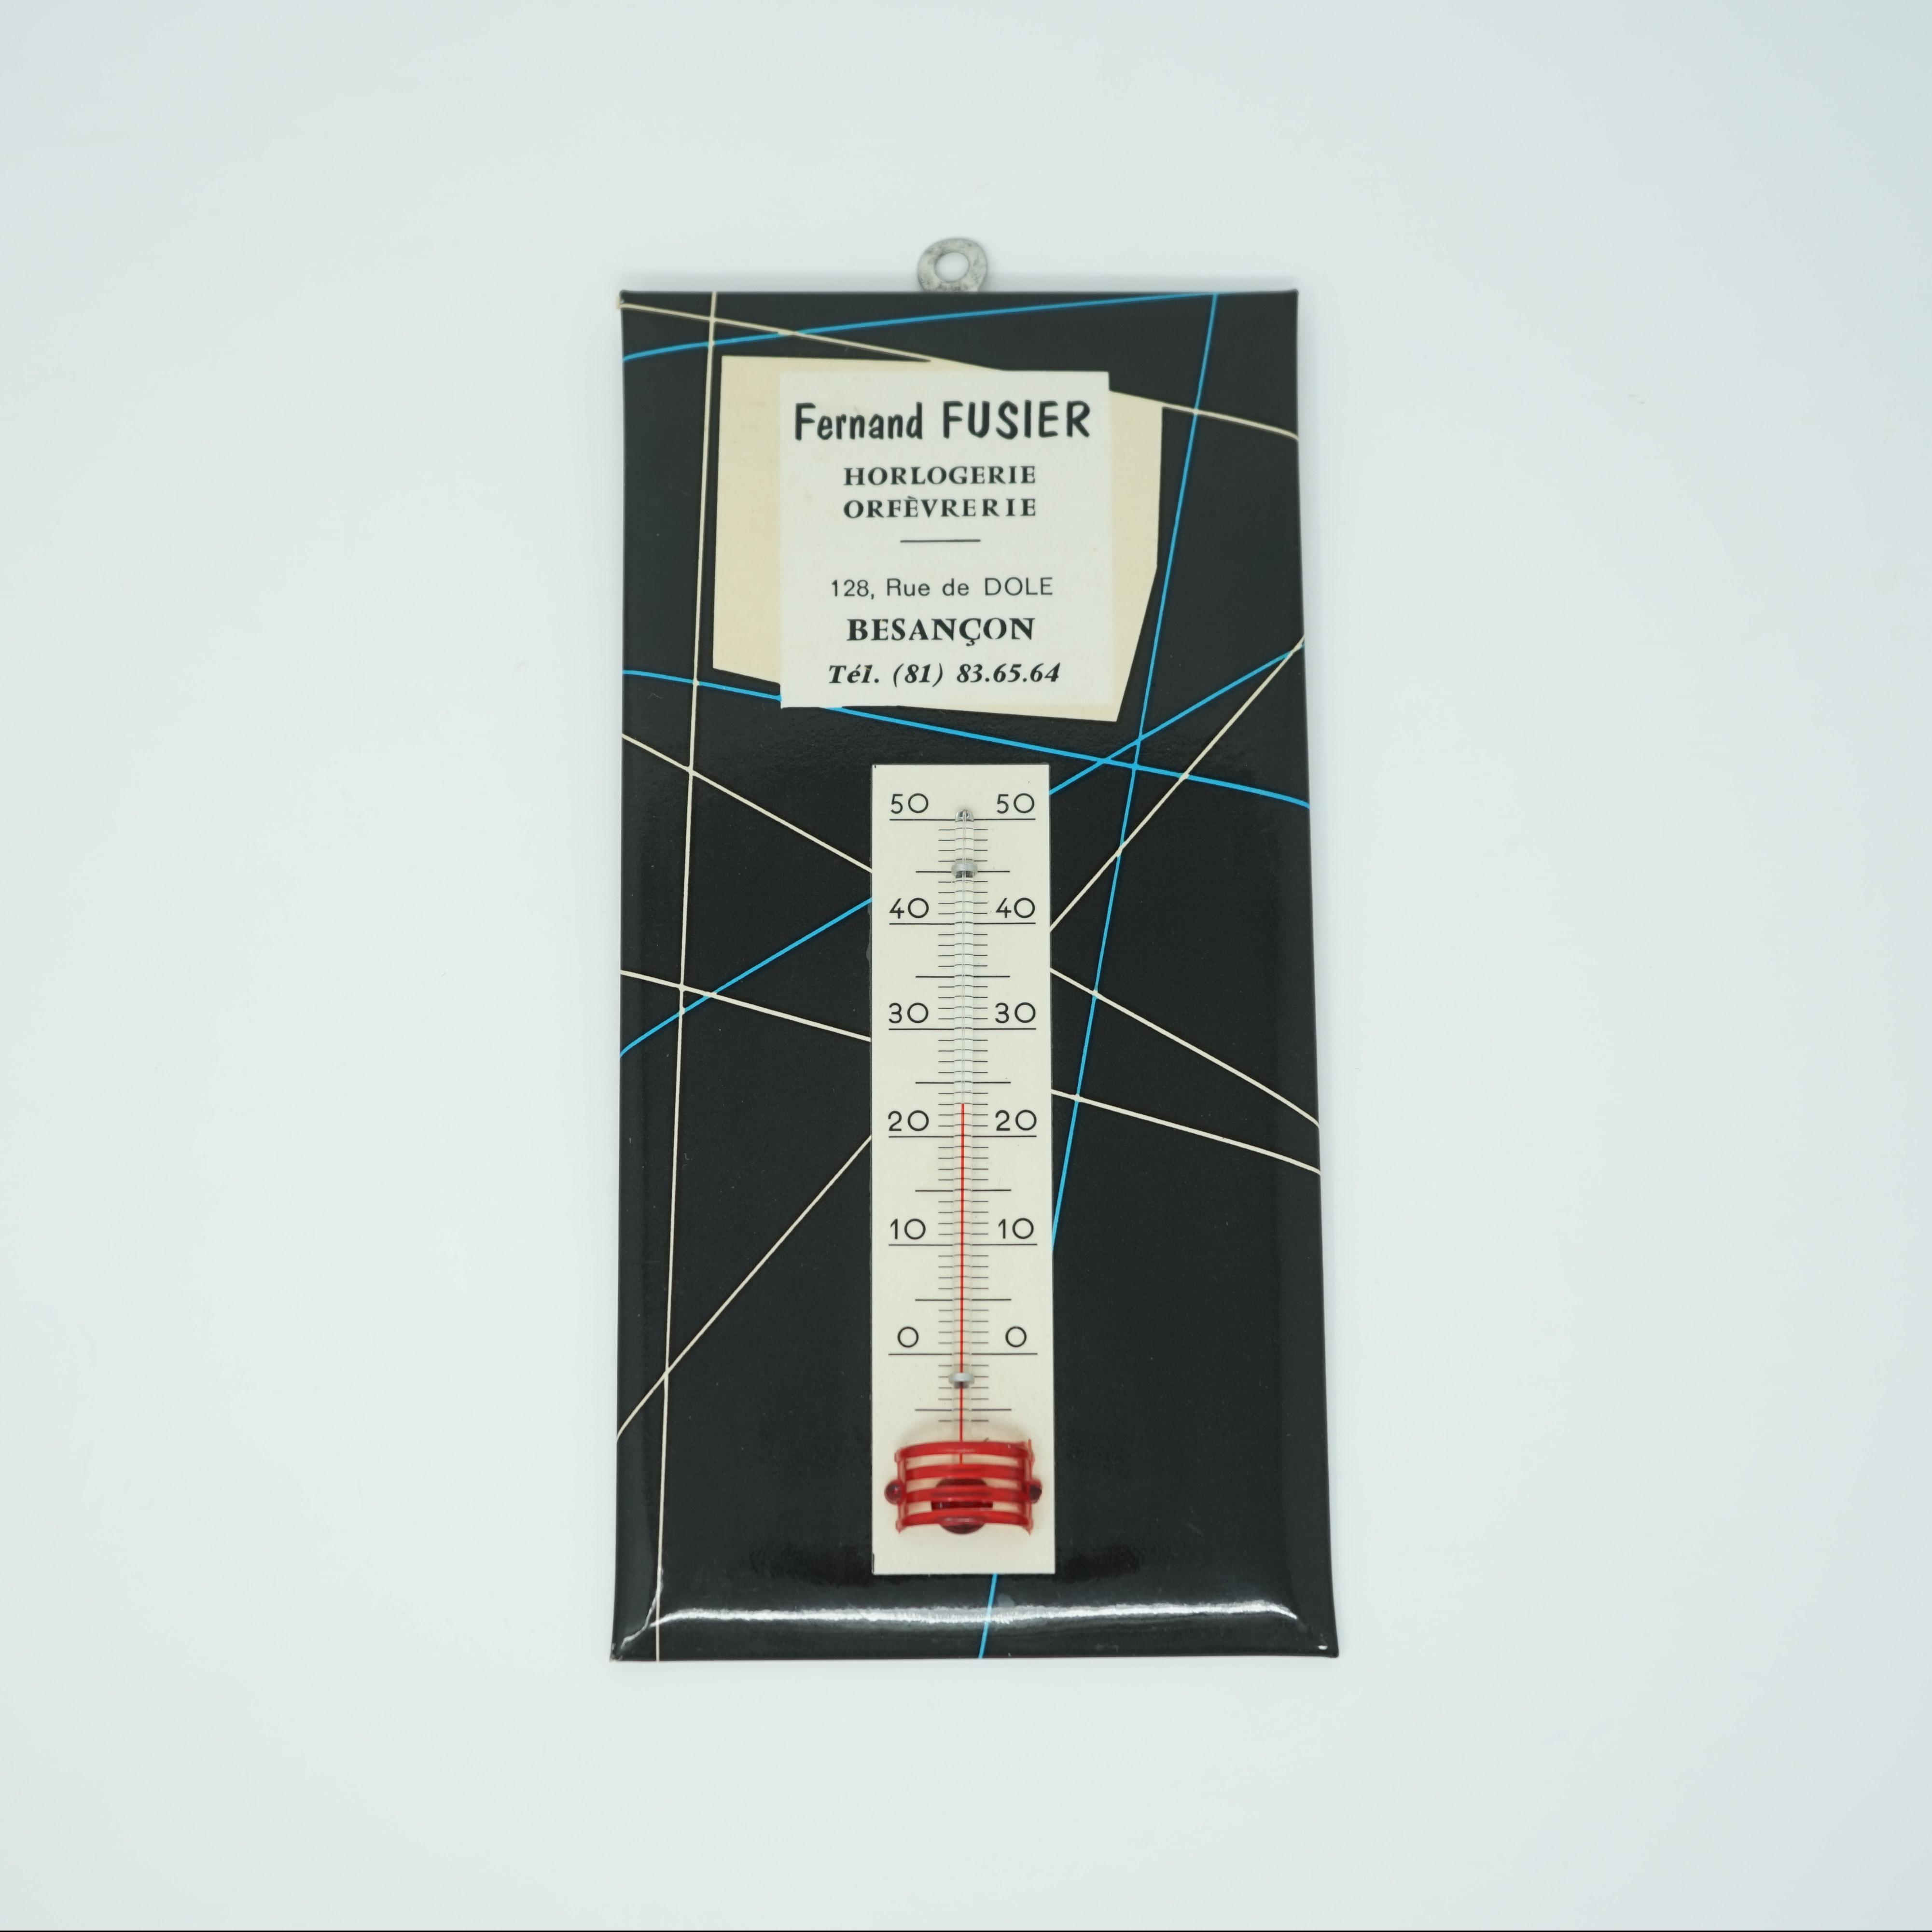 Thermomètre publicitaire Horloger